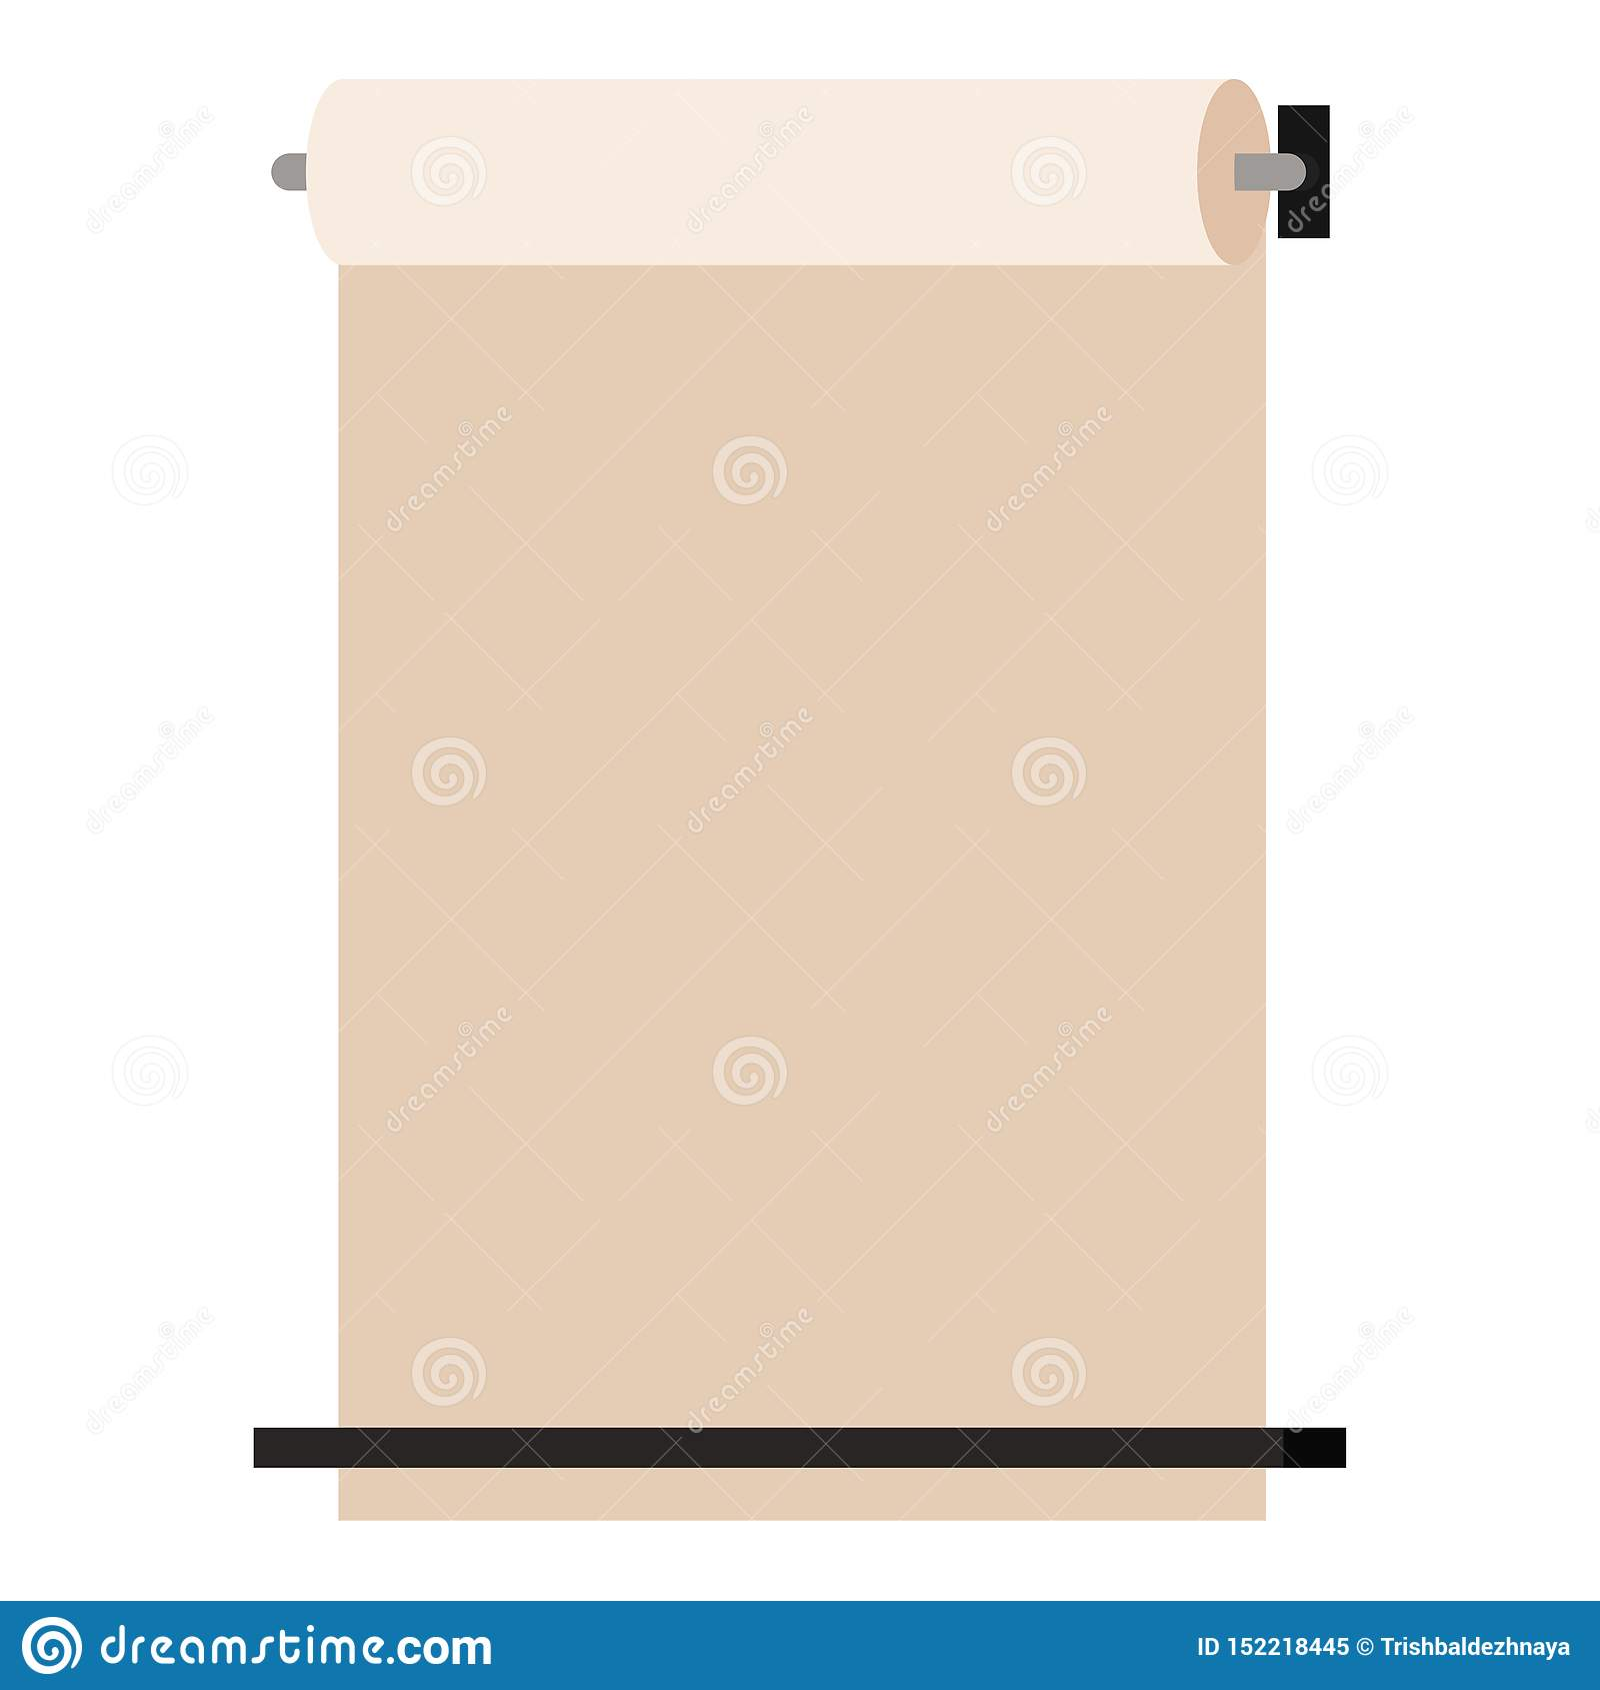 De muur zette kraftpapier-document op een hoger niveau weergevenautomaat op op witte achtergrond wordt geïsoleerd, Vector toon de